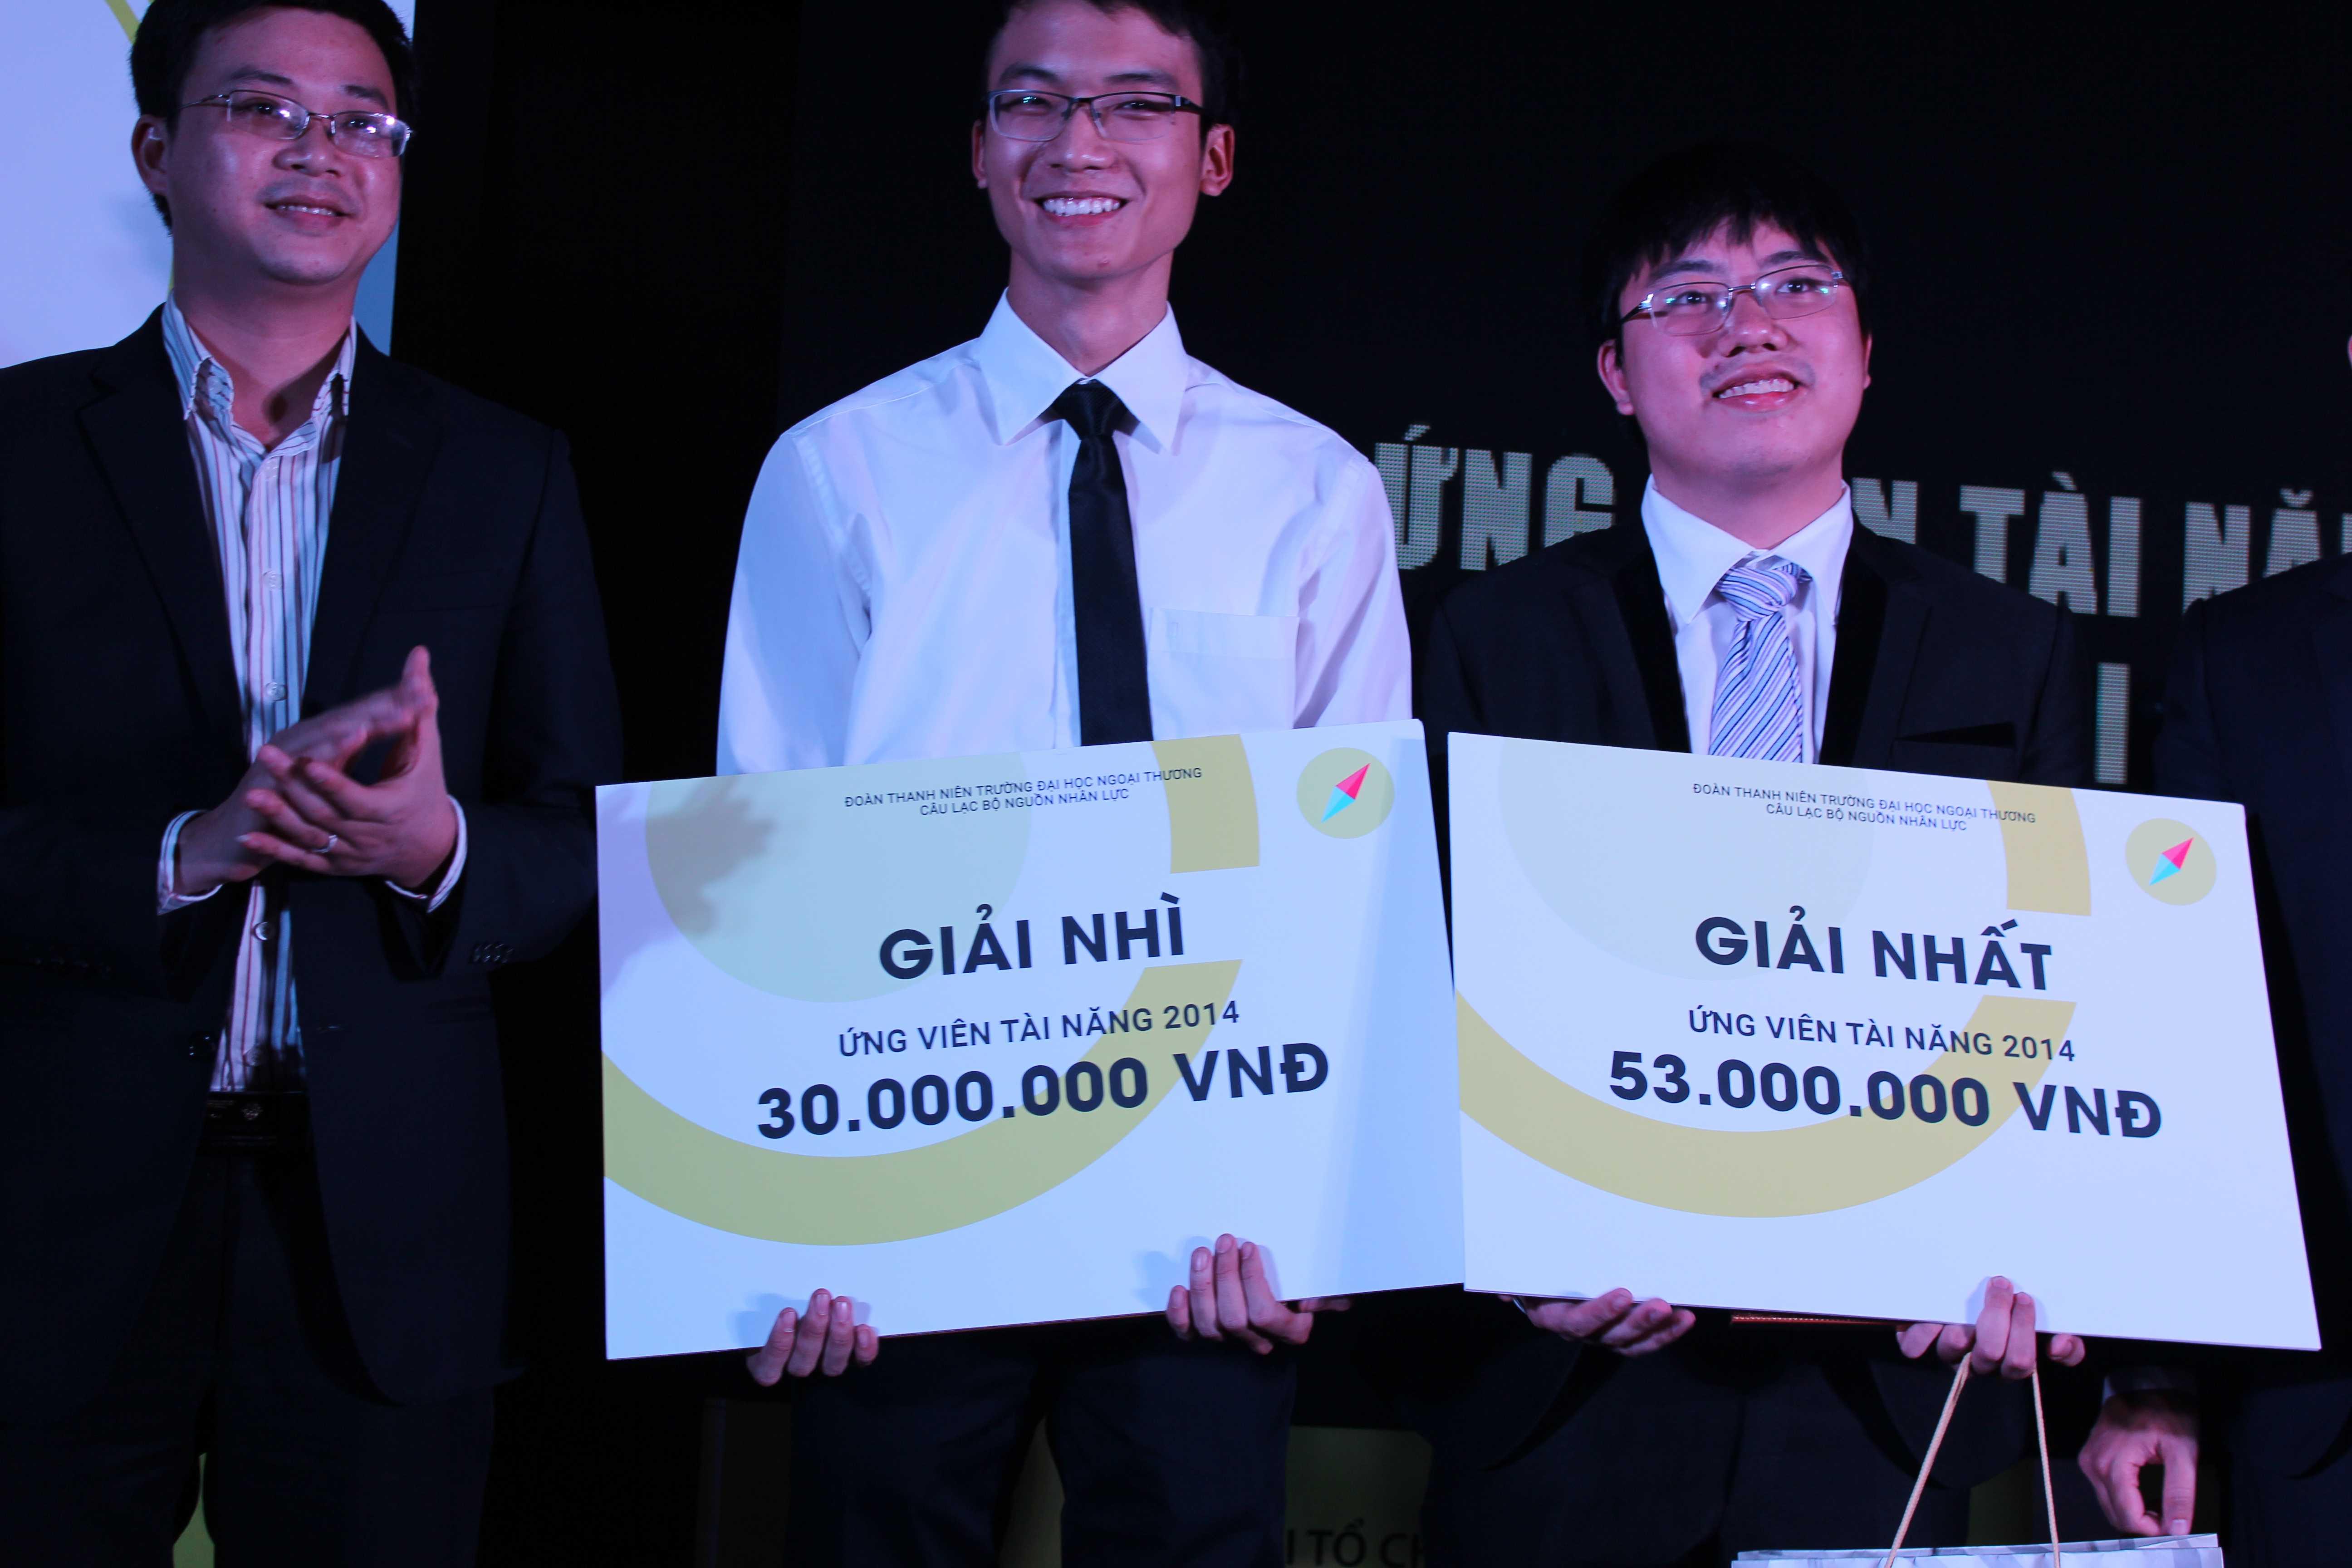 Quán quân Ứng viên tài năng 2014.